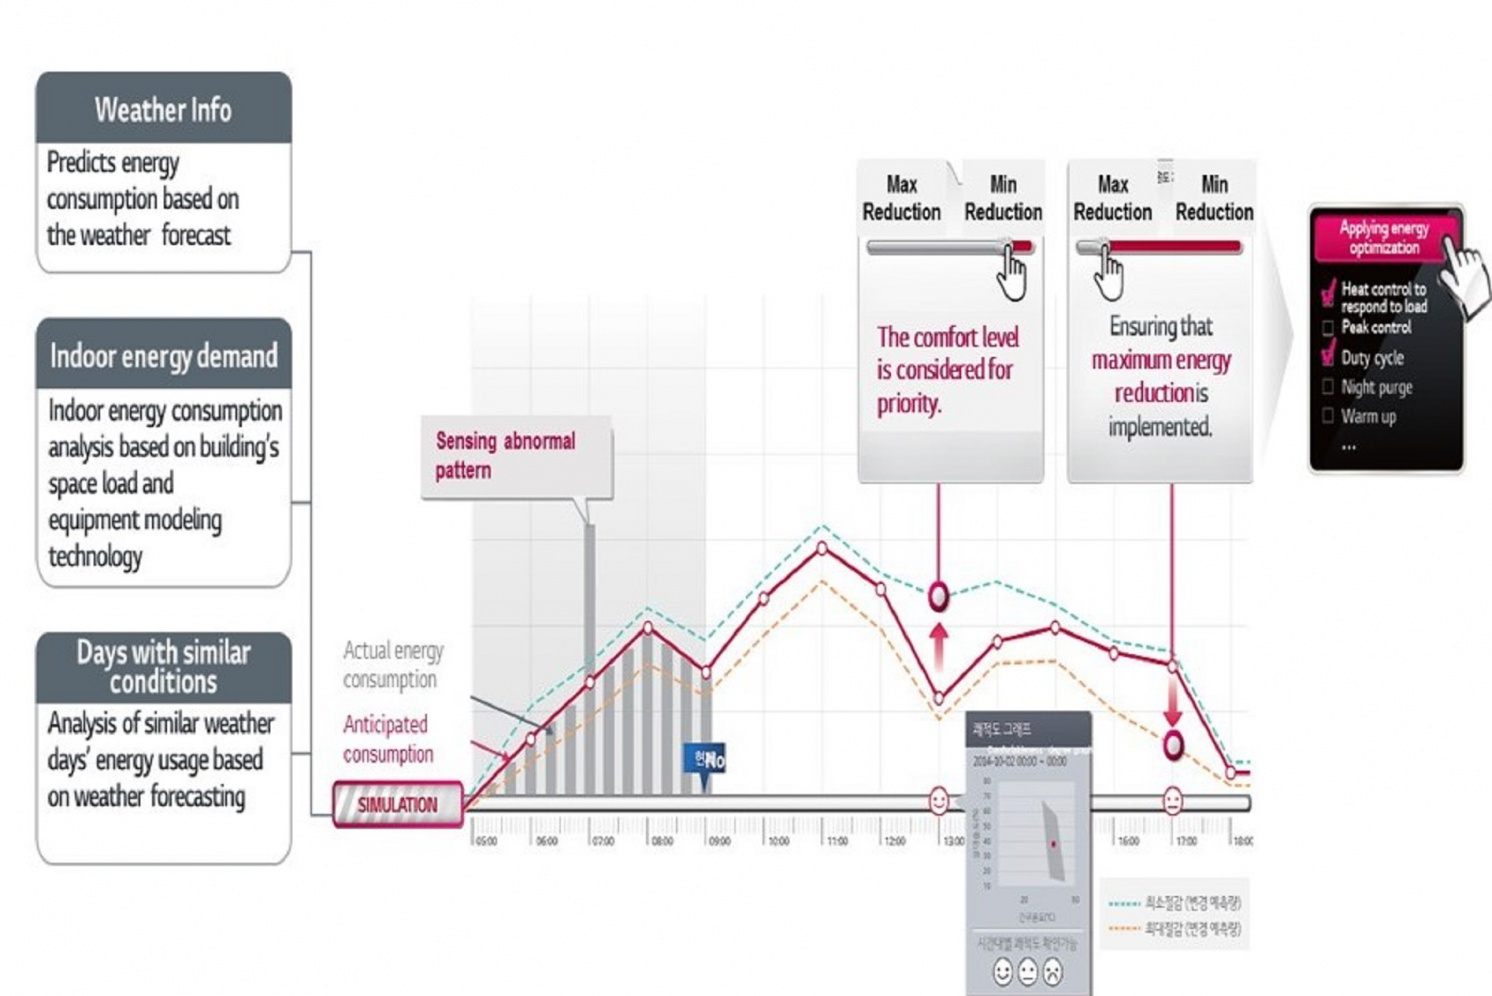 Система BECON от LG Electronics задает технологический тренд системы энергоменеджмента зданий. 10/2020. Фото 11